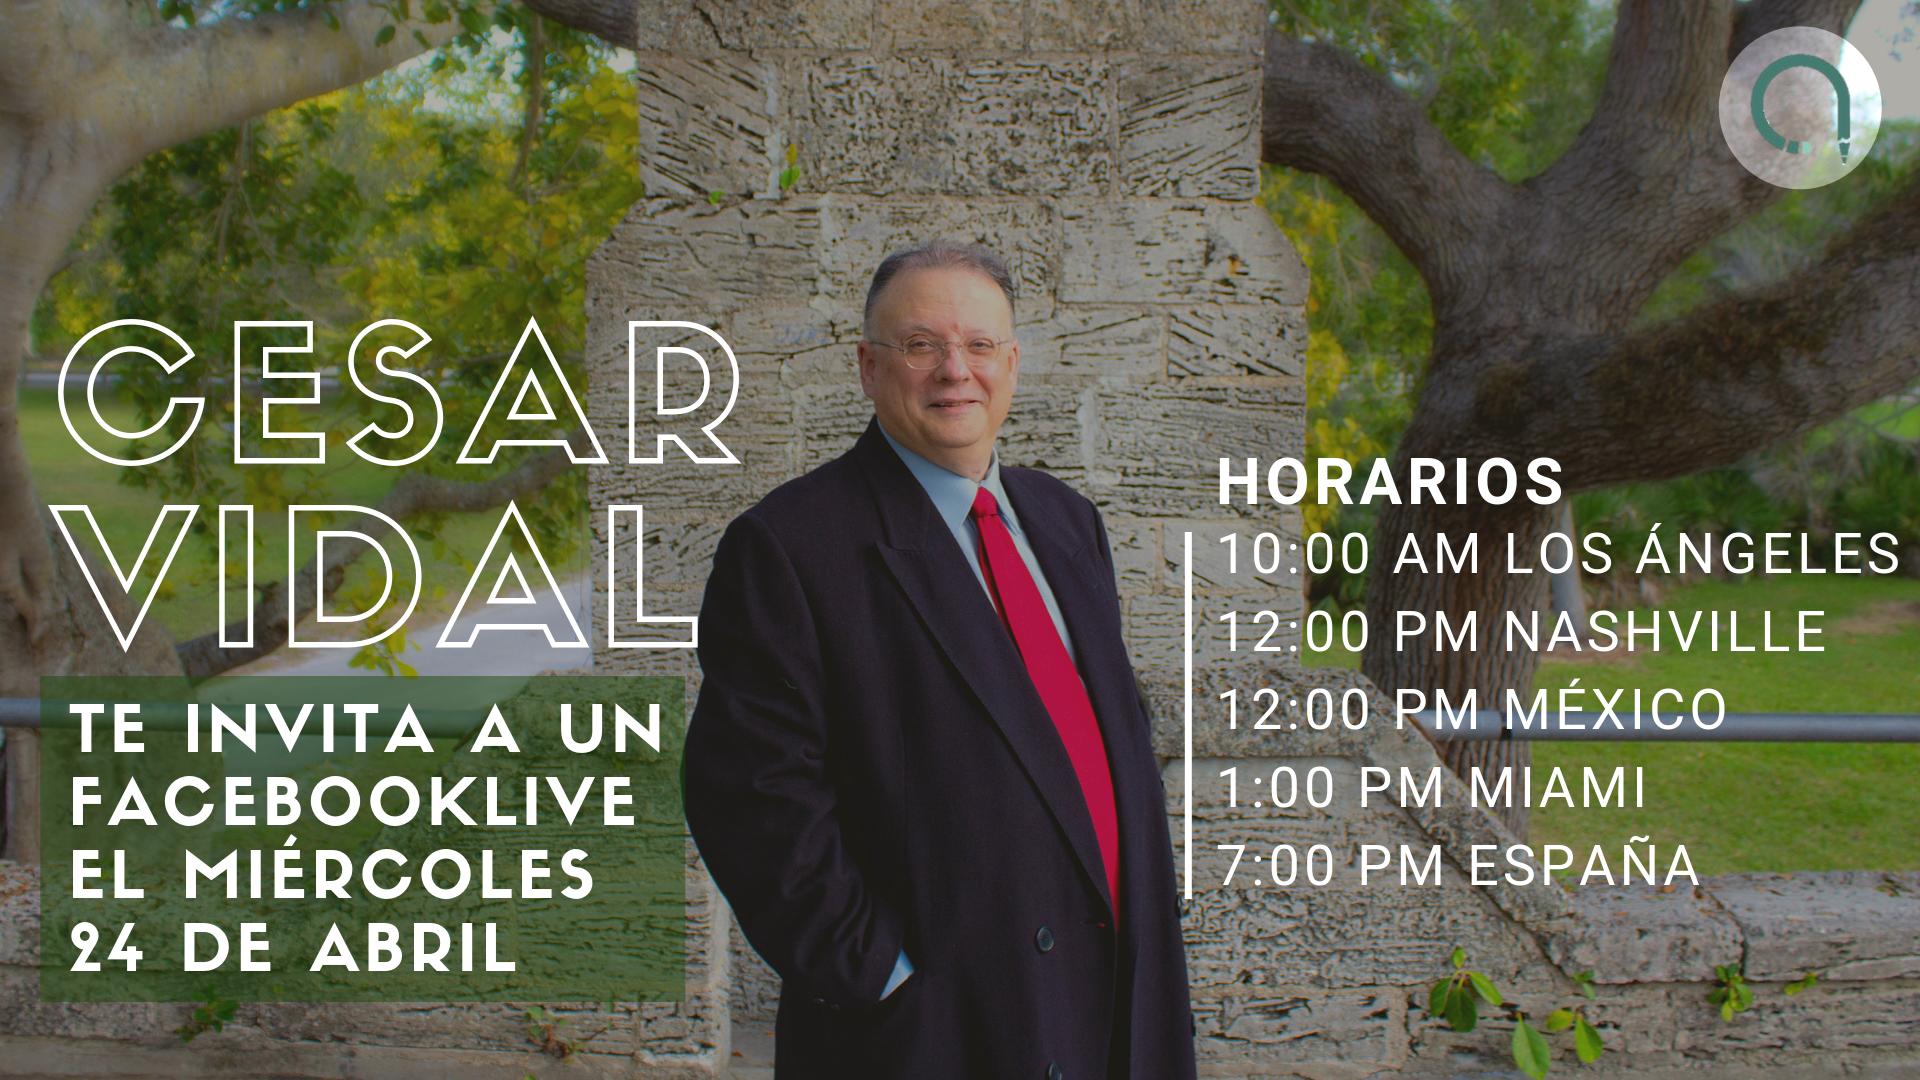 César Vidal anunciará en directo a través de Facebook Live el lanzamiento de su nuevo libro el próximo 24 de abril